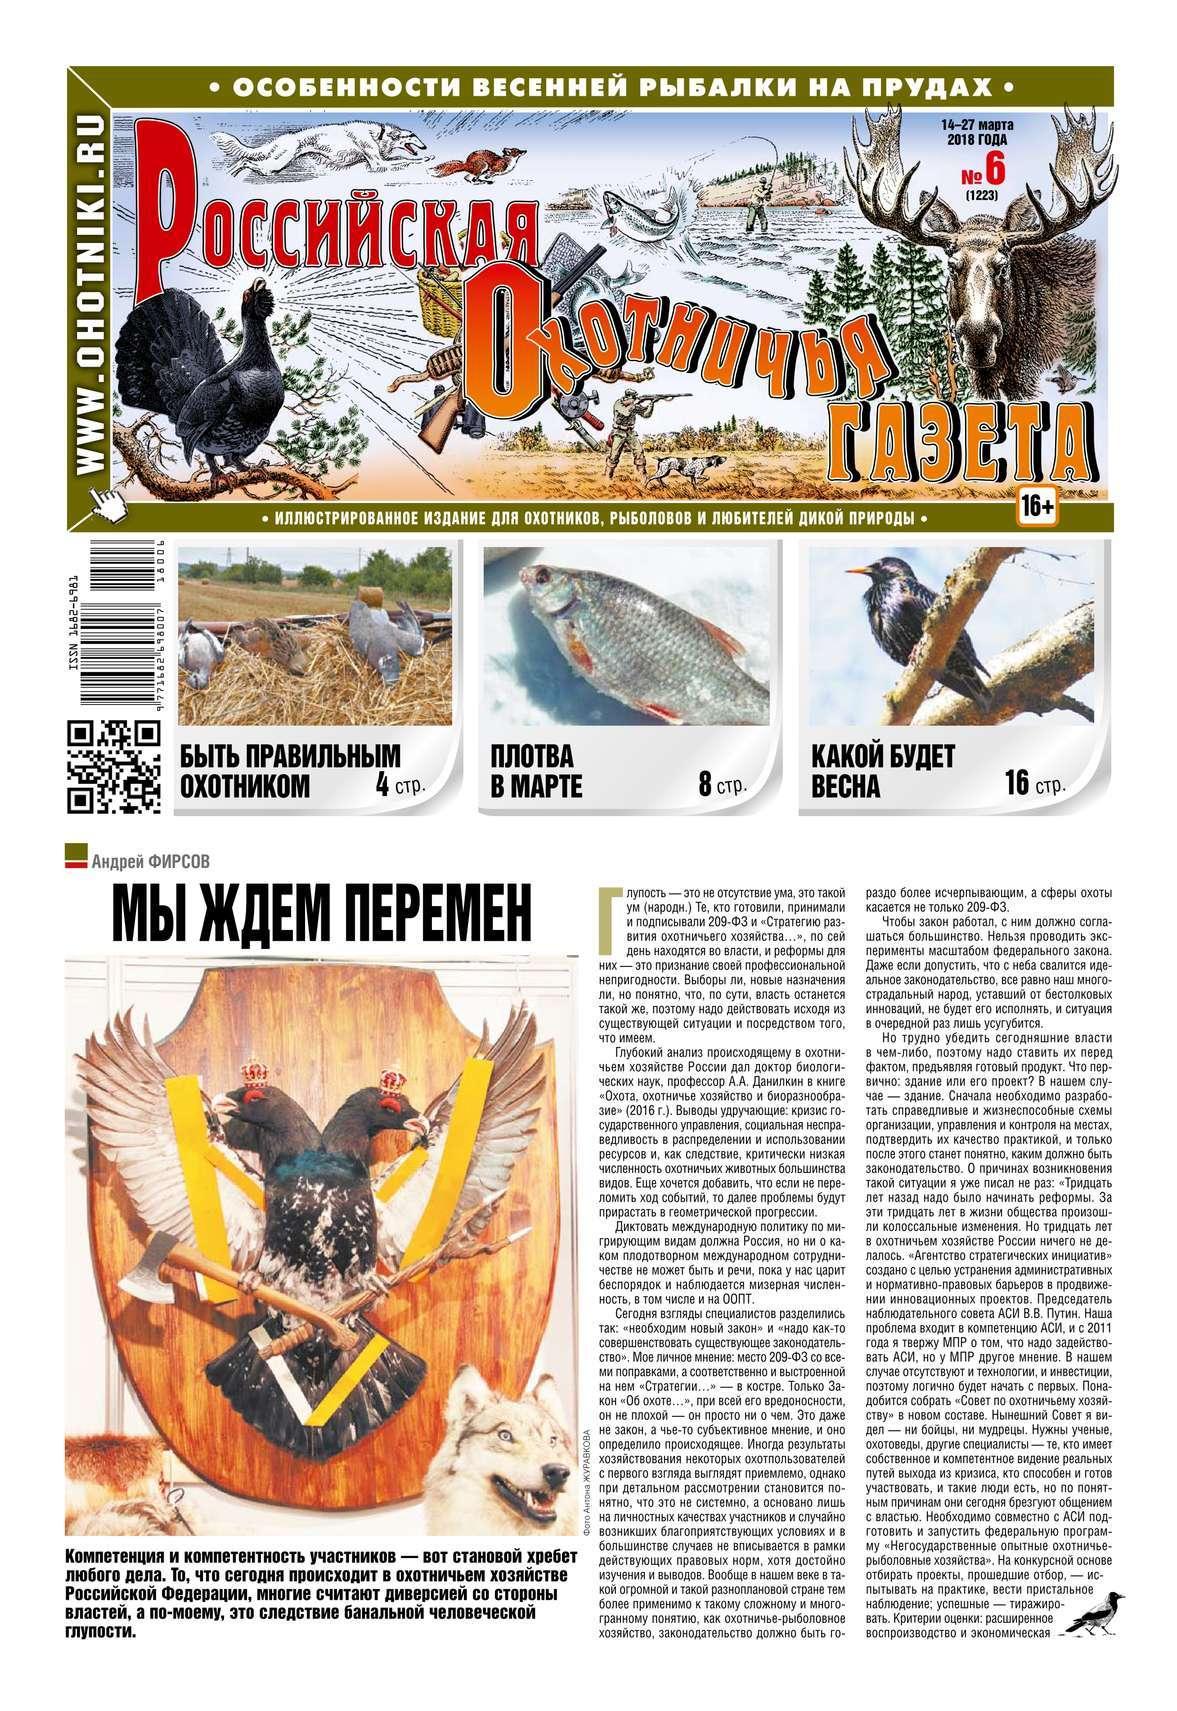 Редакция газеты Российская Охотничья Газета. Российская Охотничья Газета 06-2018